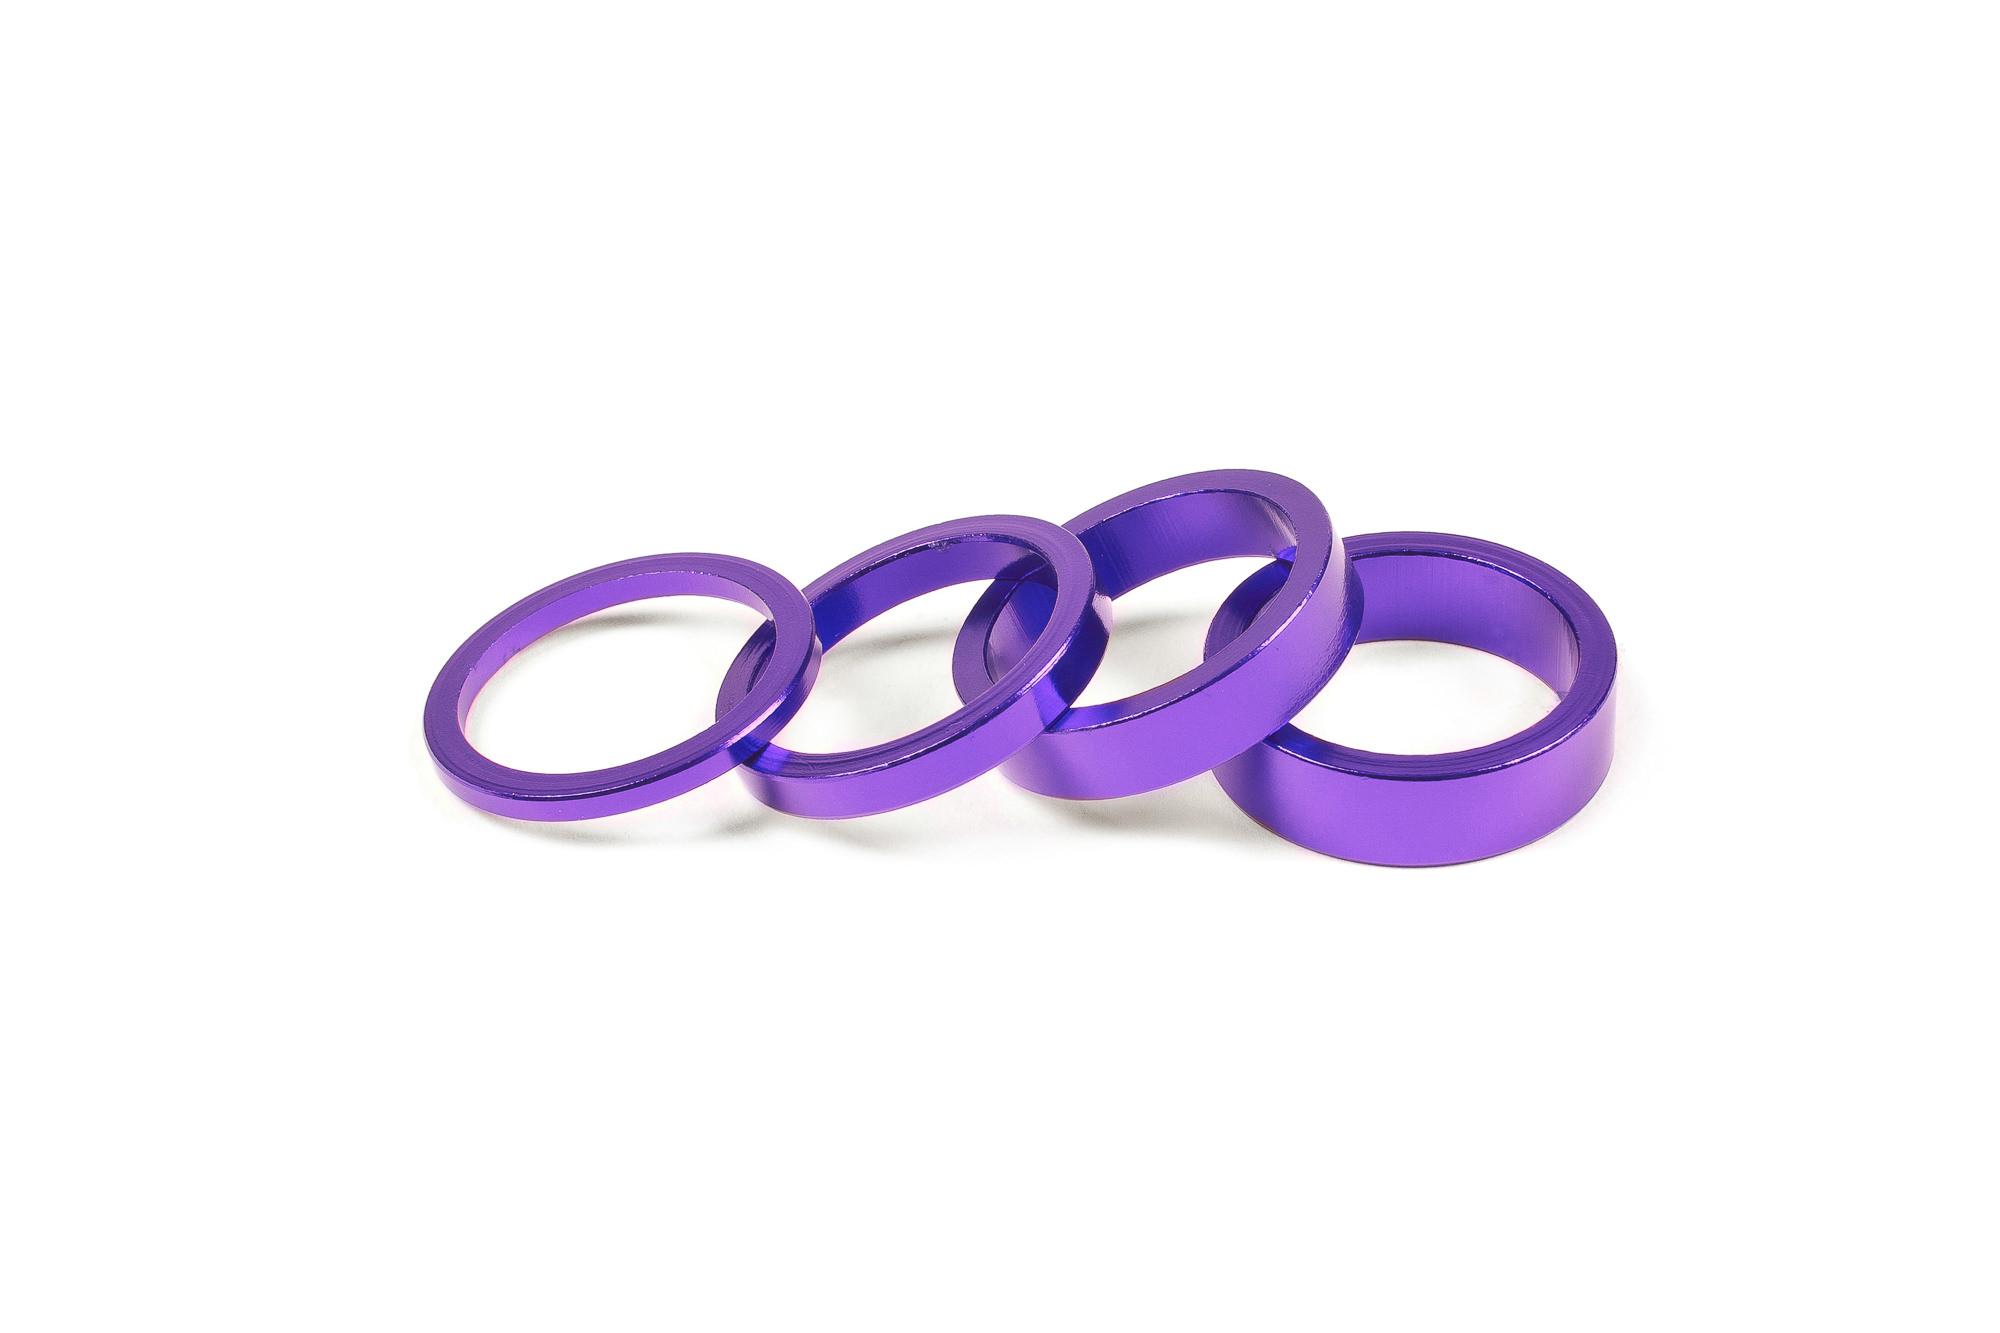 Salt_Headset_Spacers_purple